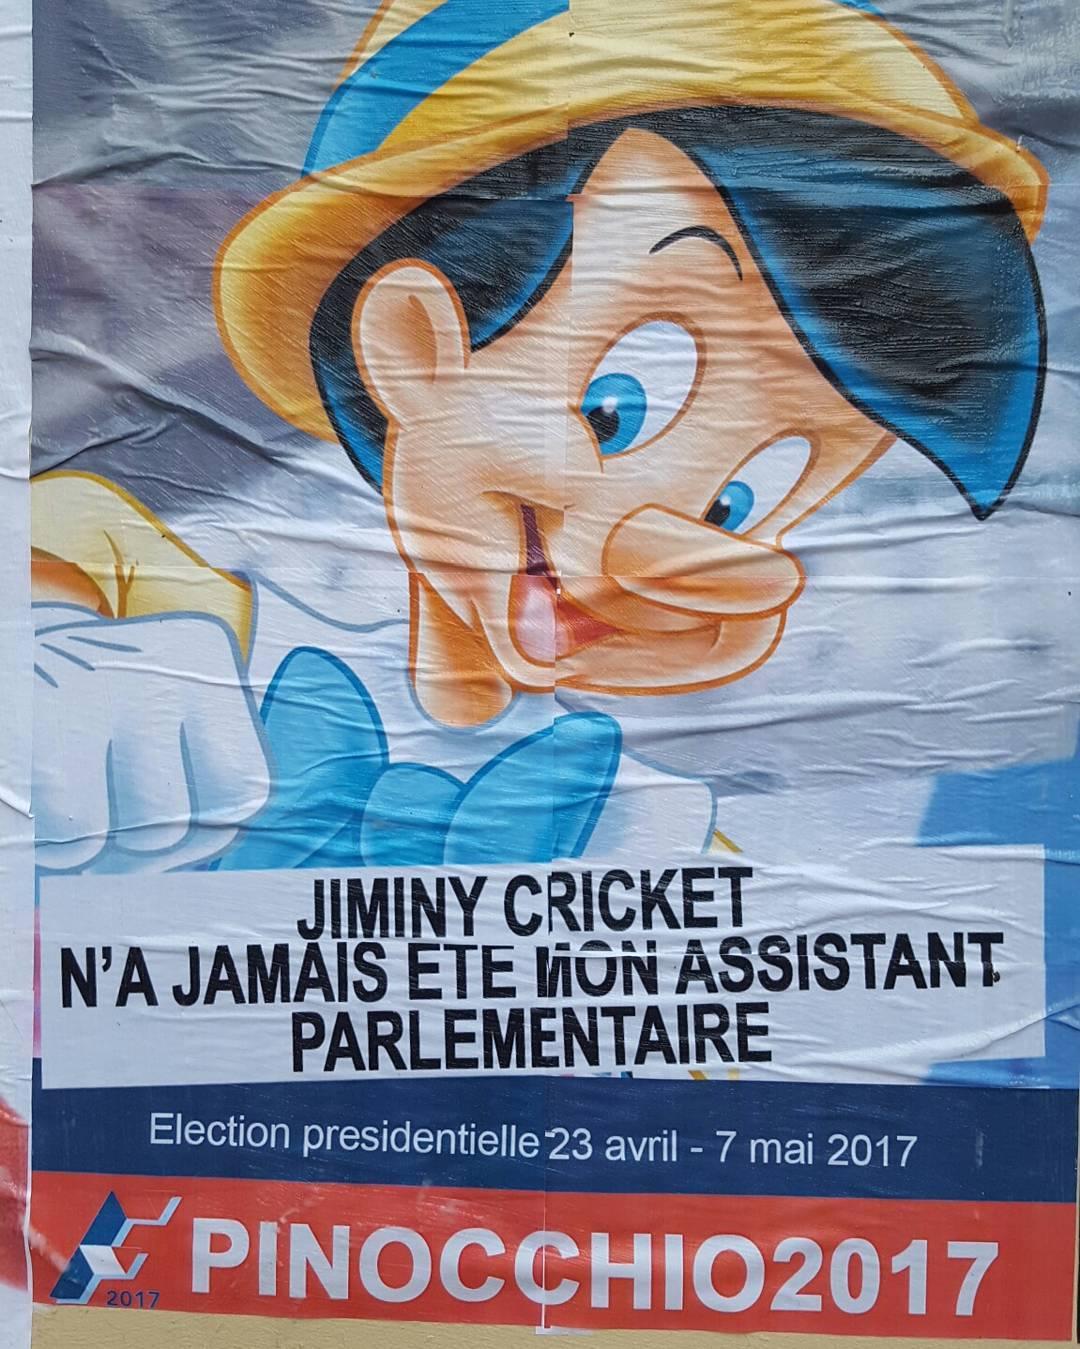 [Parodie] Les meilleures (fausses) affiches des présidentielles 2017 3